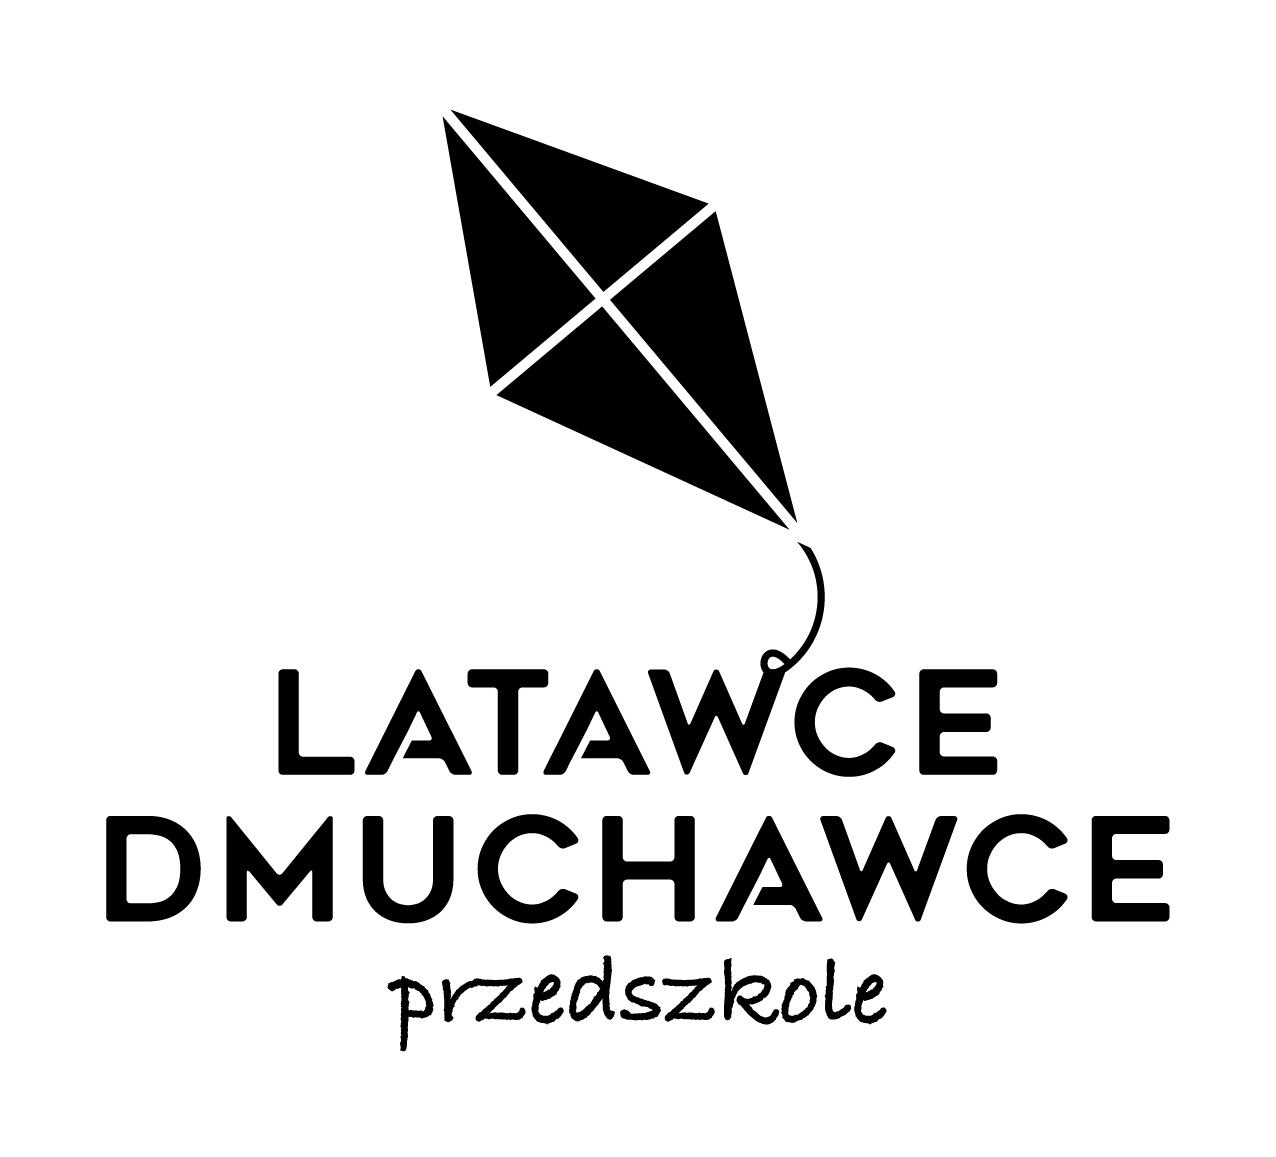 LATAWCE DMUCHAWCE_LOGO PRZEDSZKOLE_MAX-14